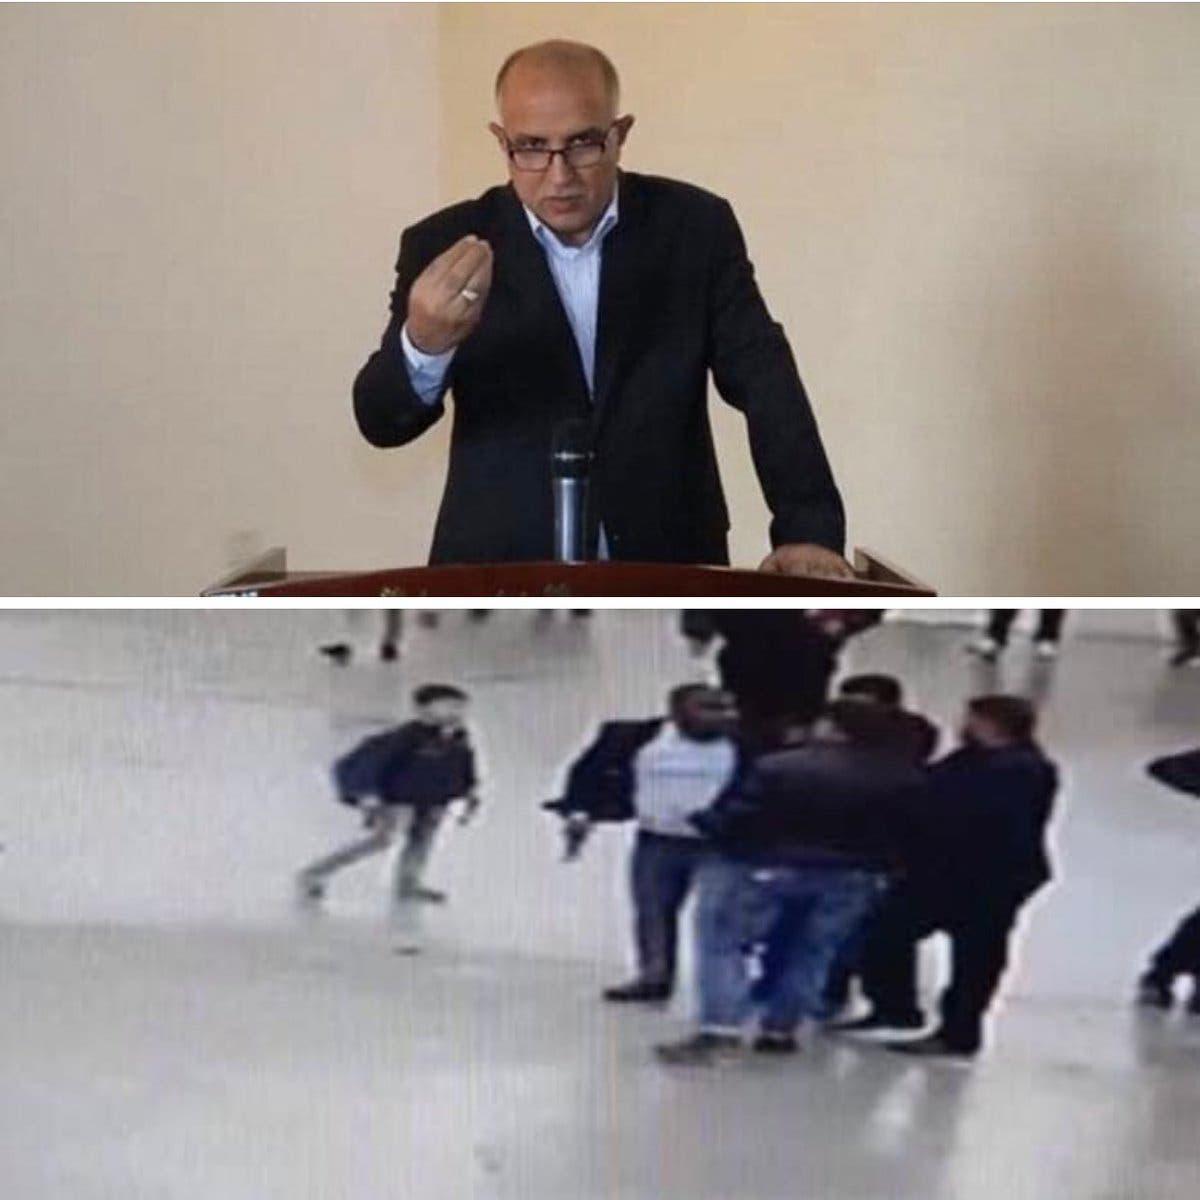 ضجة في الموصل.. حراس المحافظ يعتدون على مدير مدرسة